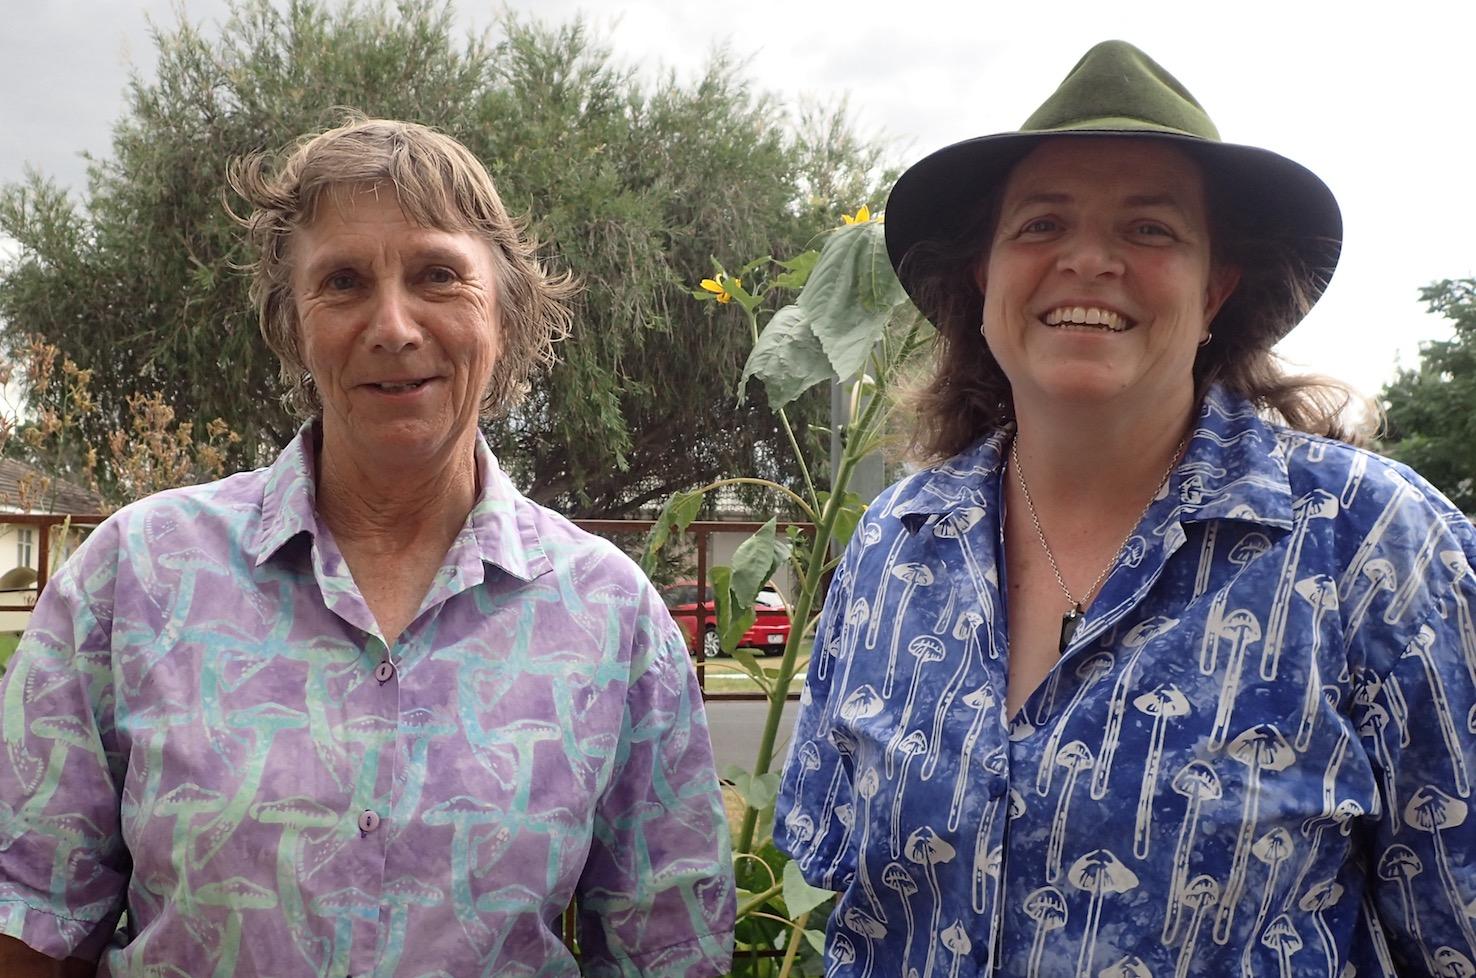 Fungi 4 Land authors